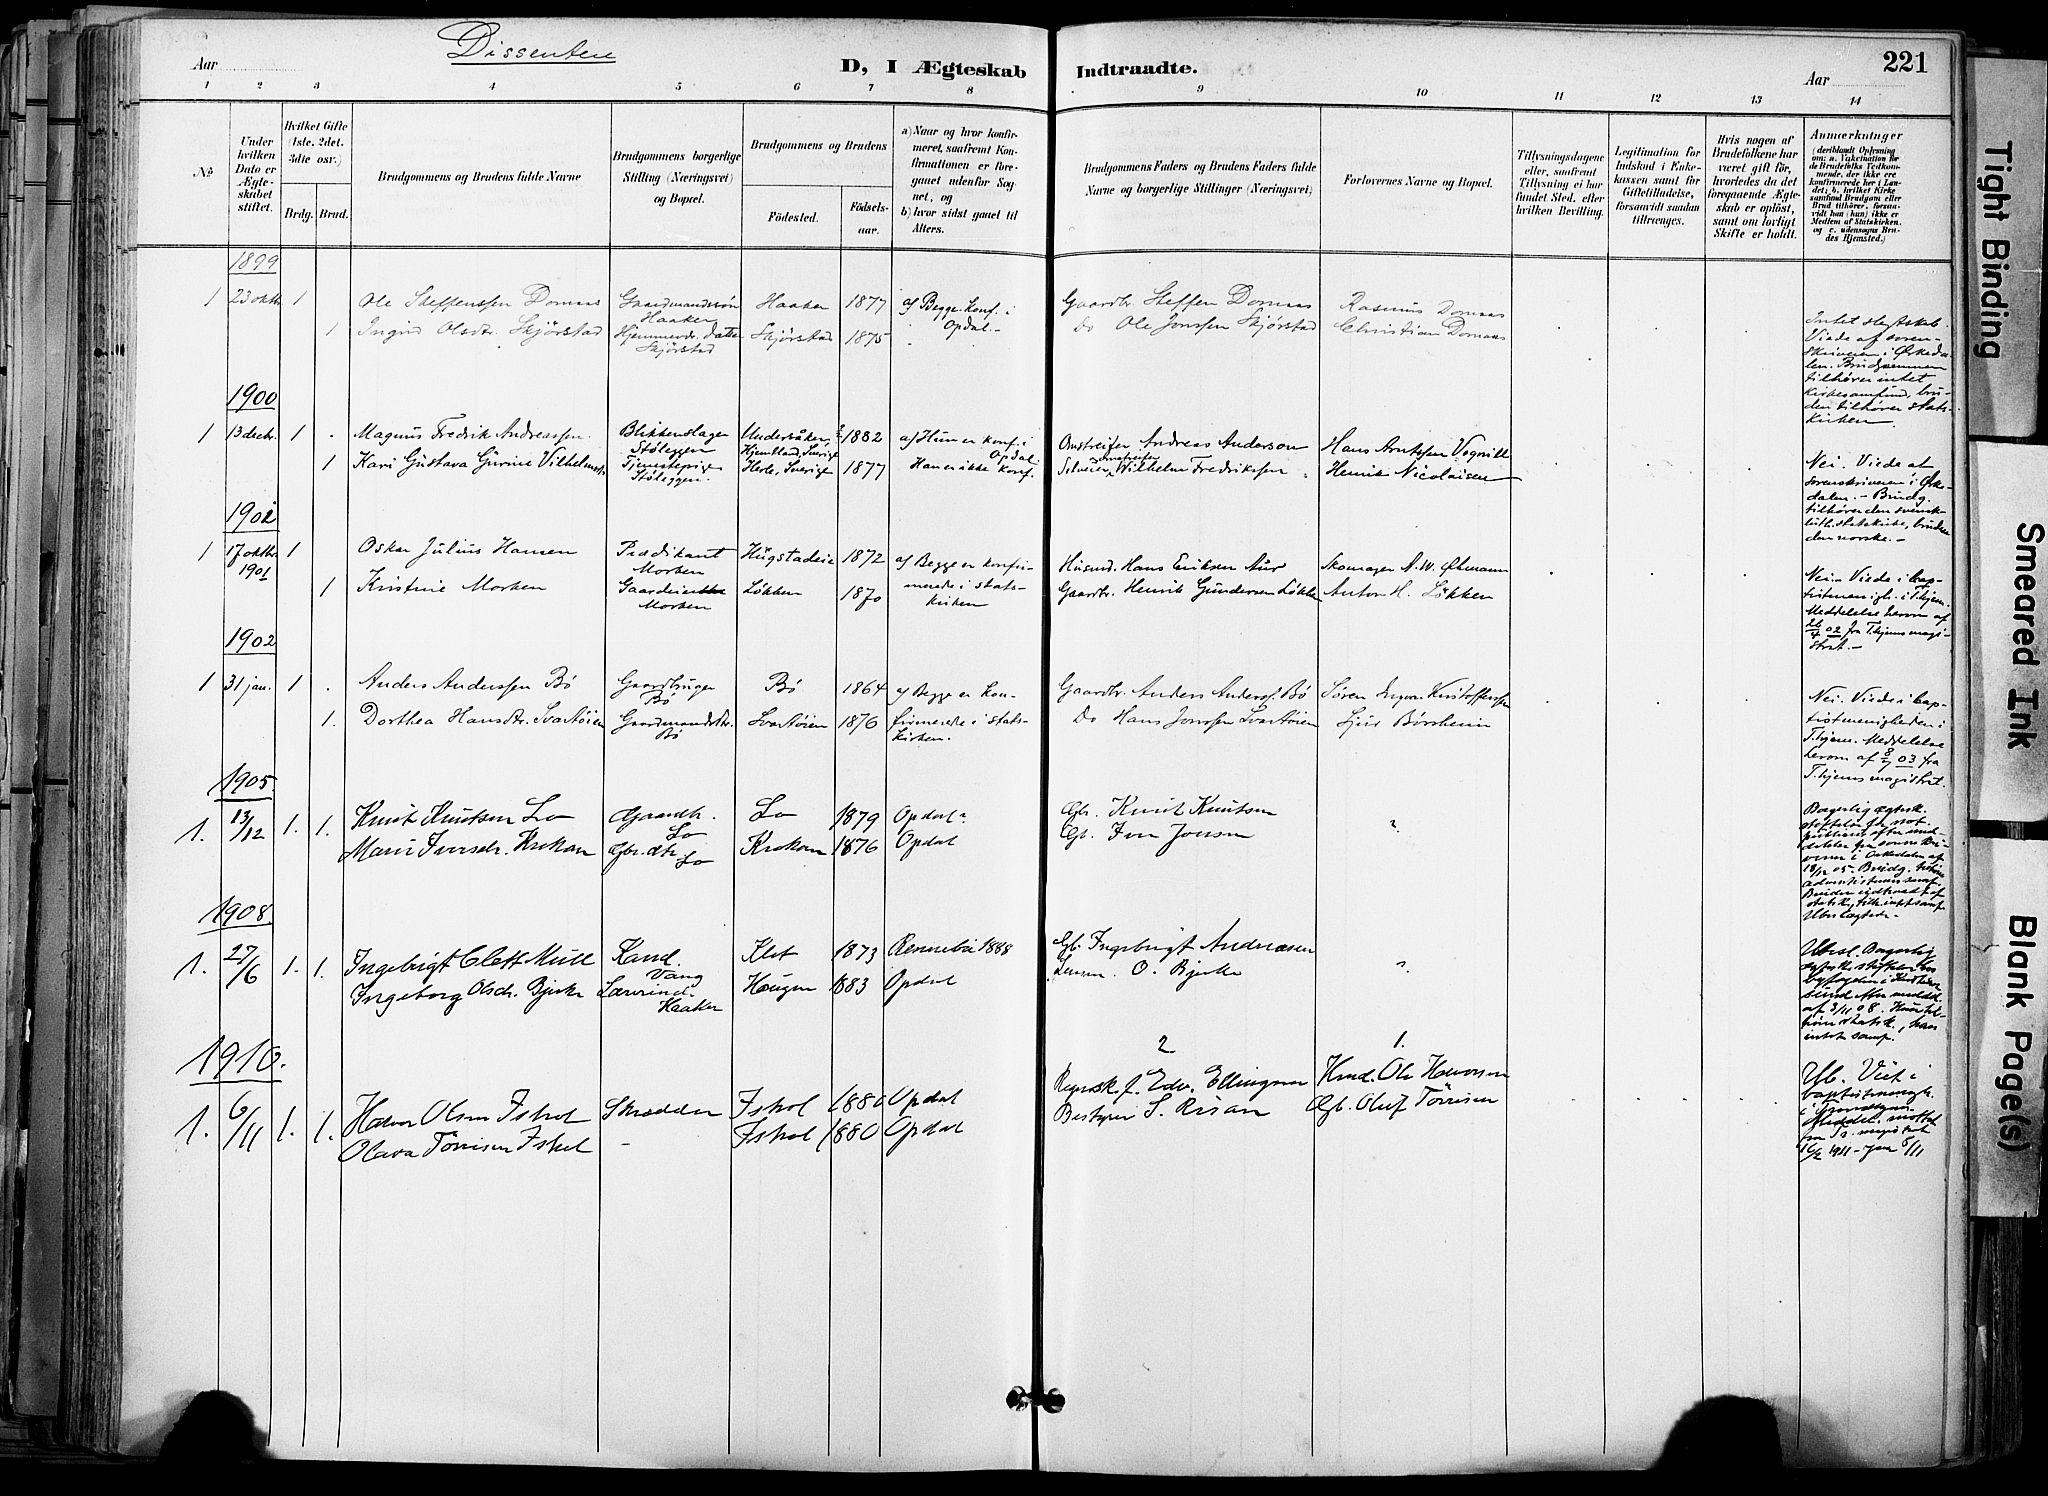 SAT, Ministerialprotokoller, klokkerbøker og fødselsregistre - Sør-Trøndelag, 678/L0902: Ministerialbok nr. 678A11, 1895-1911, s. 221